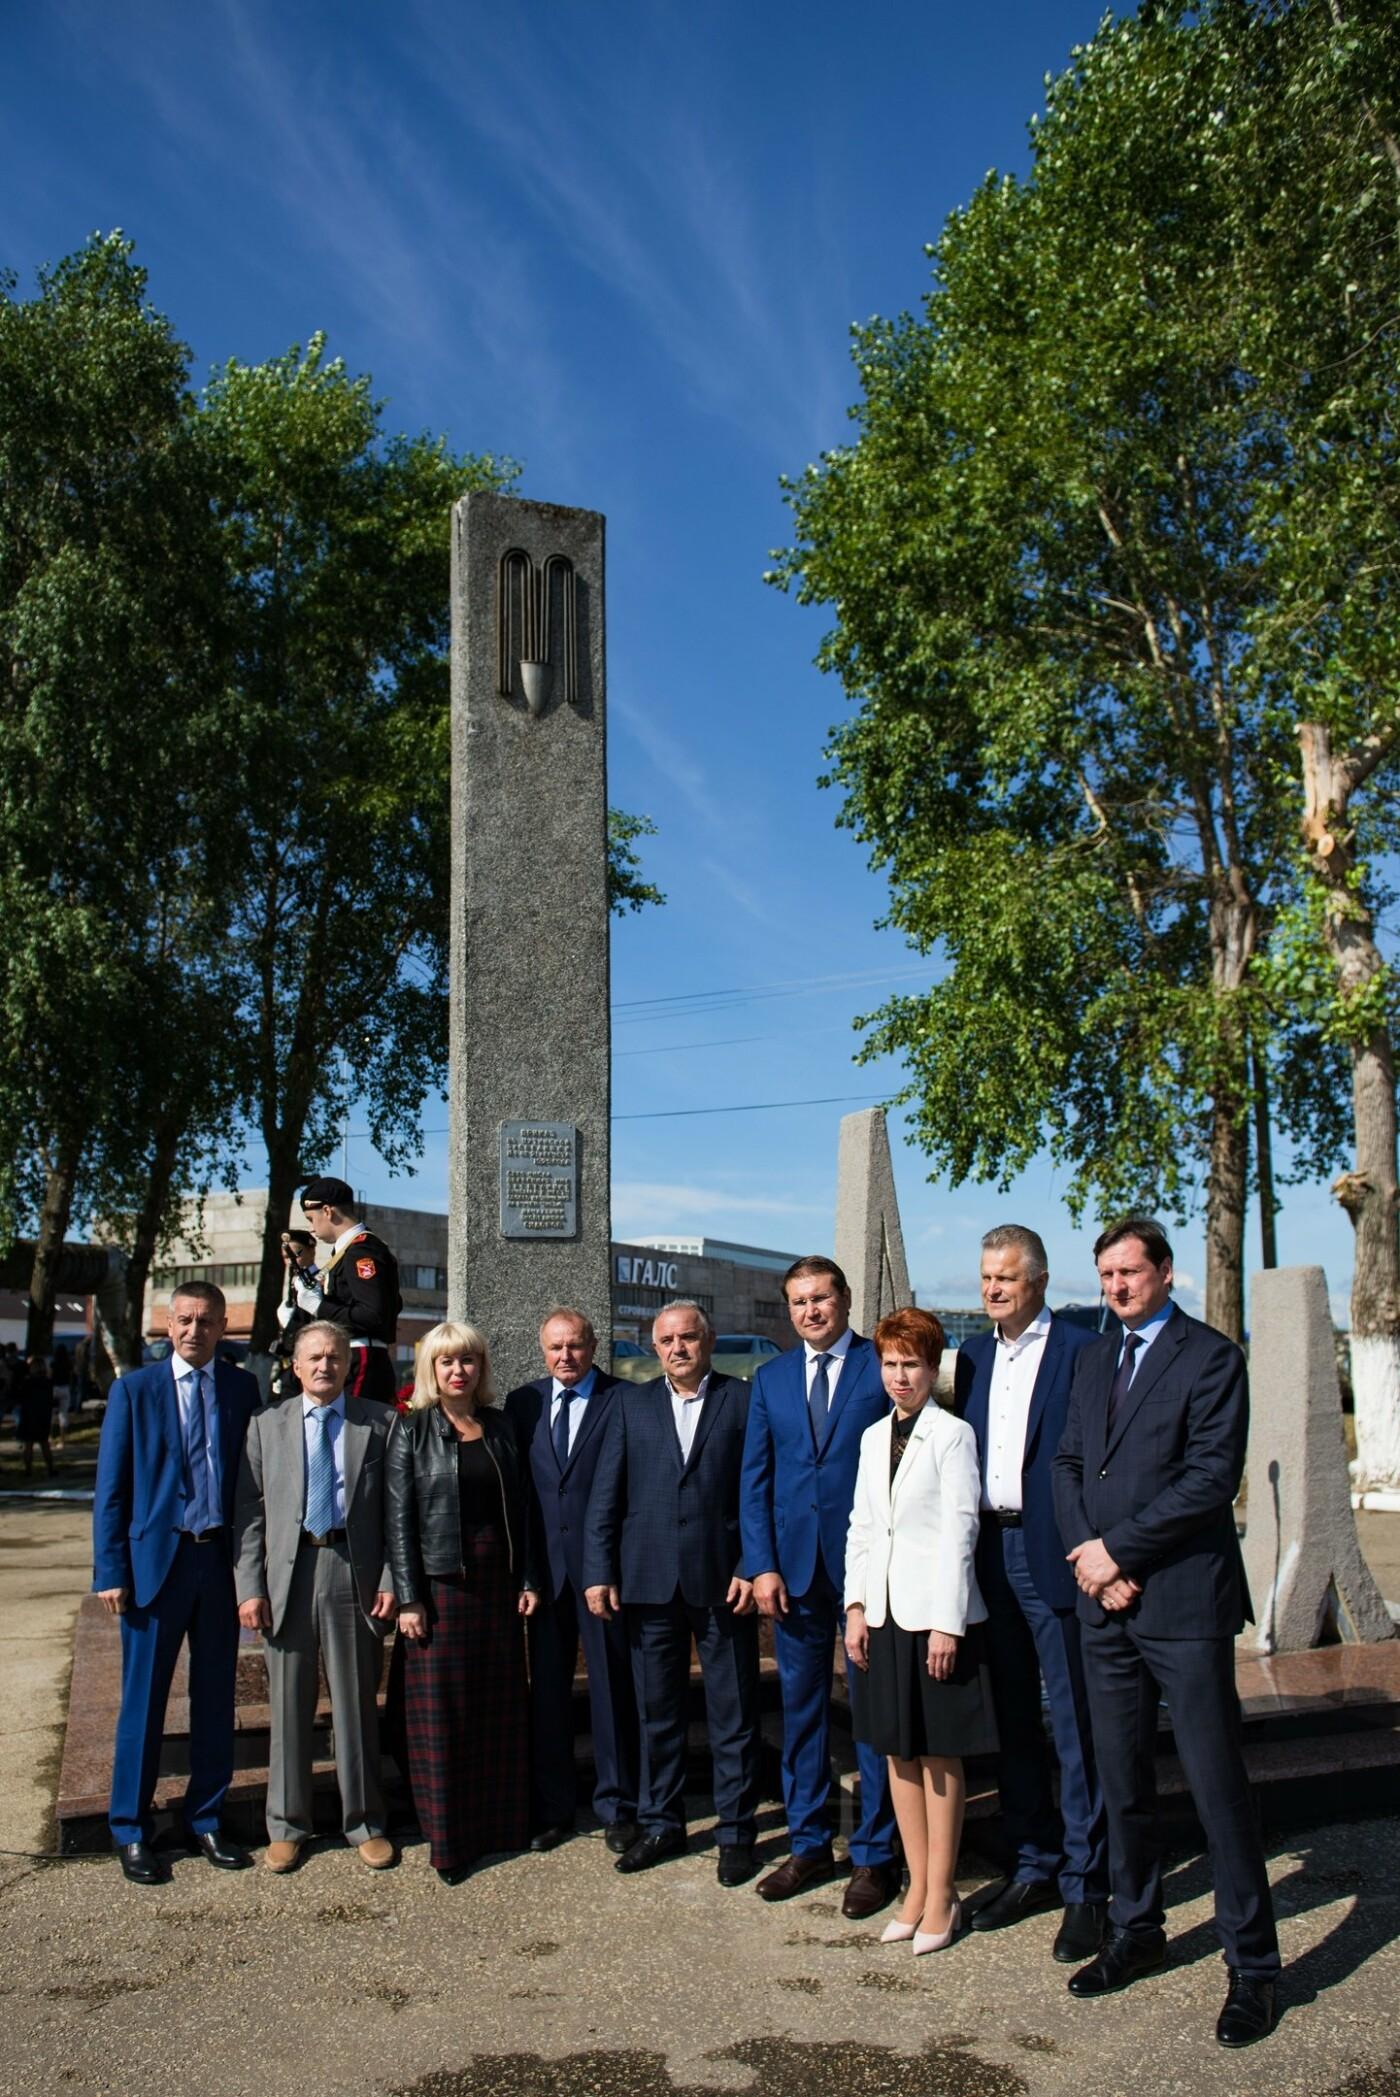 В Ухте вспоминали основателей города, фото-8, Фото предоставлено пресс-службой АМОГО «Ухта»